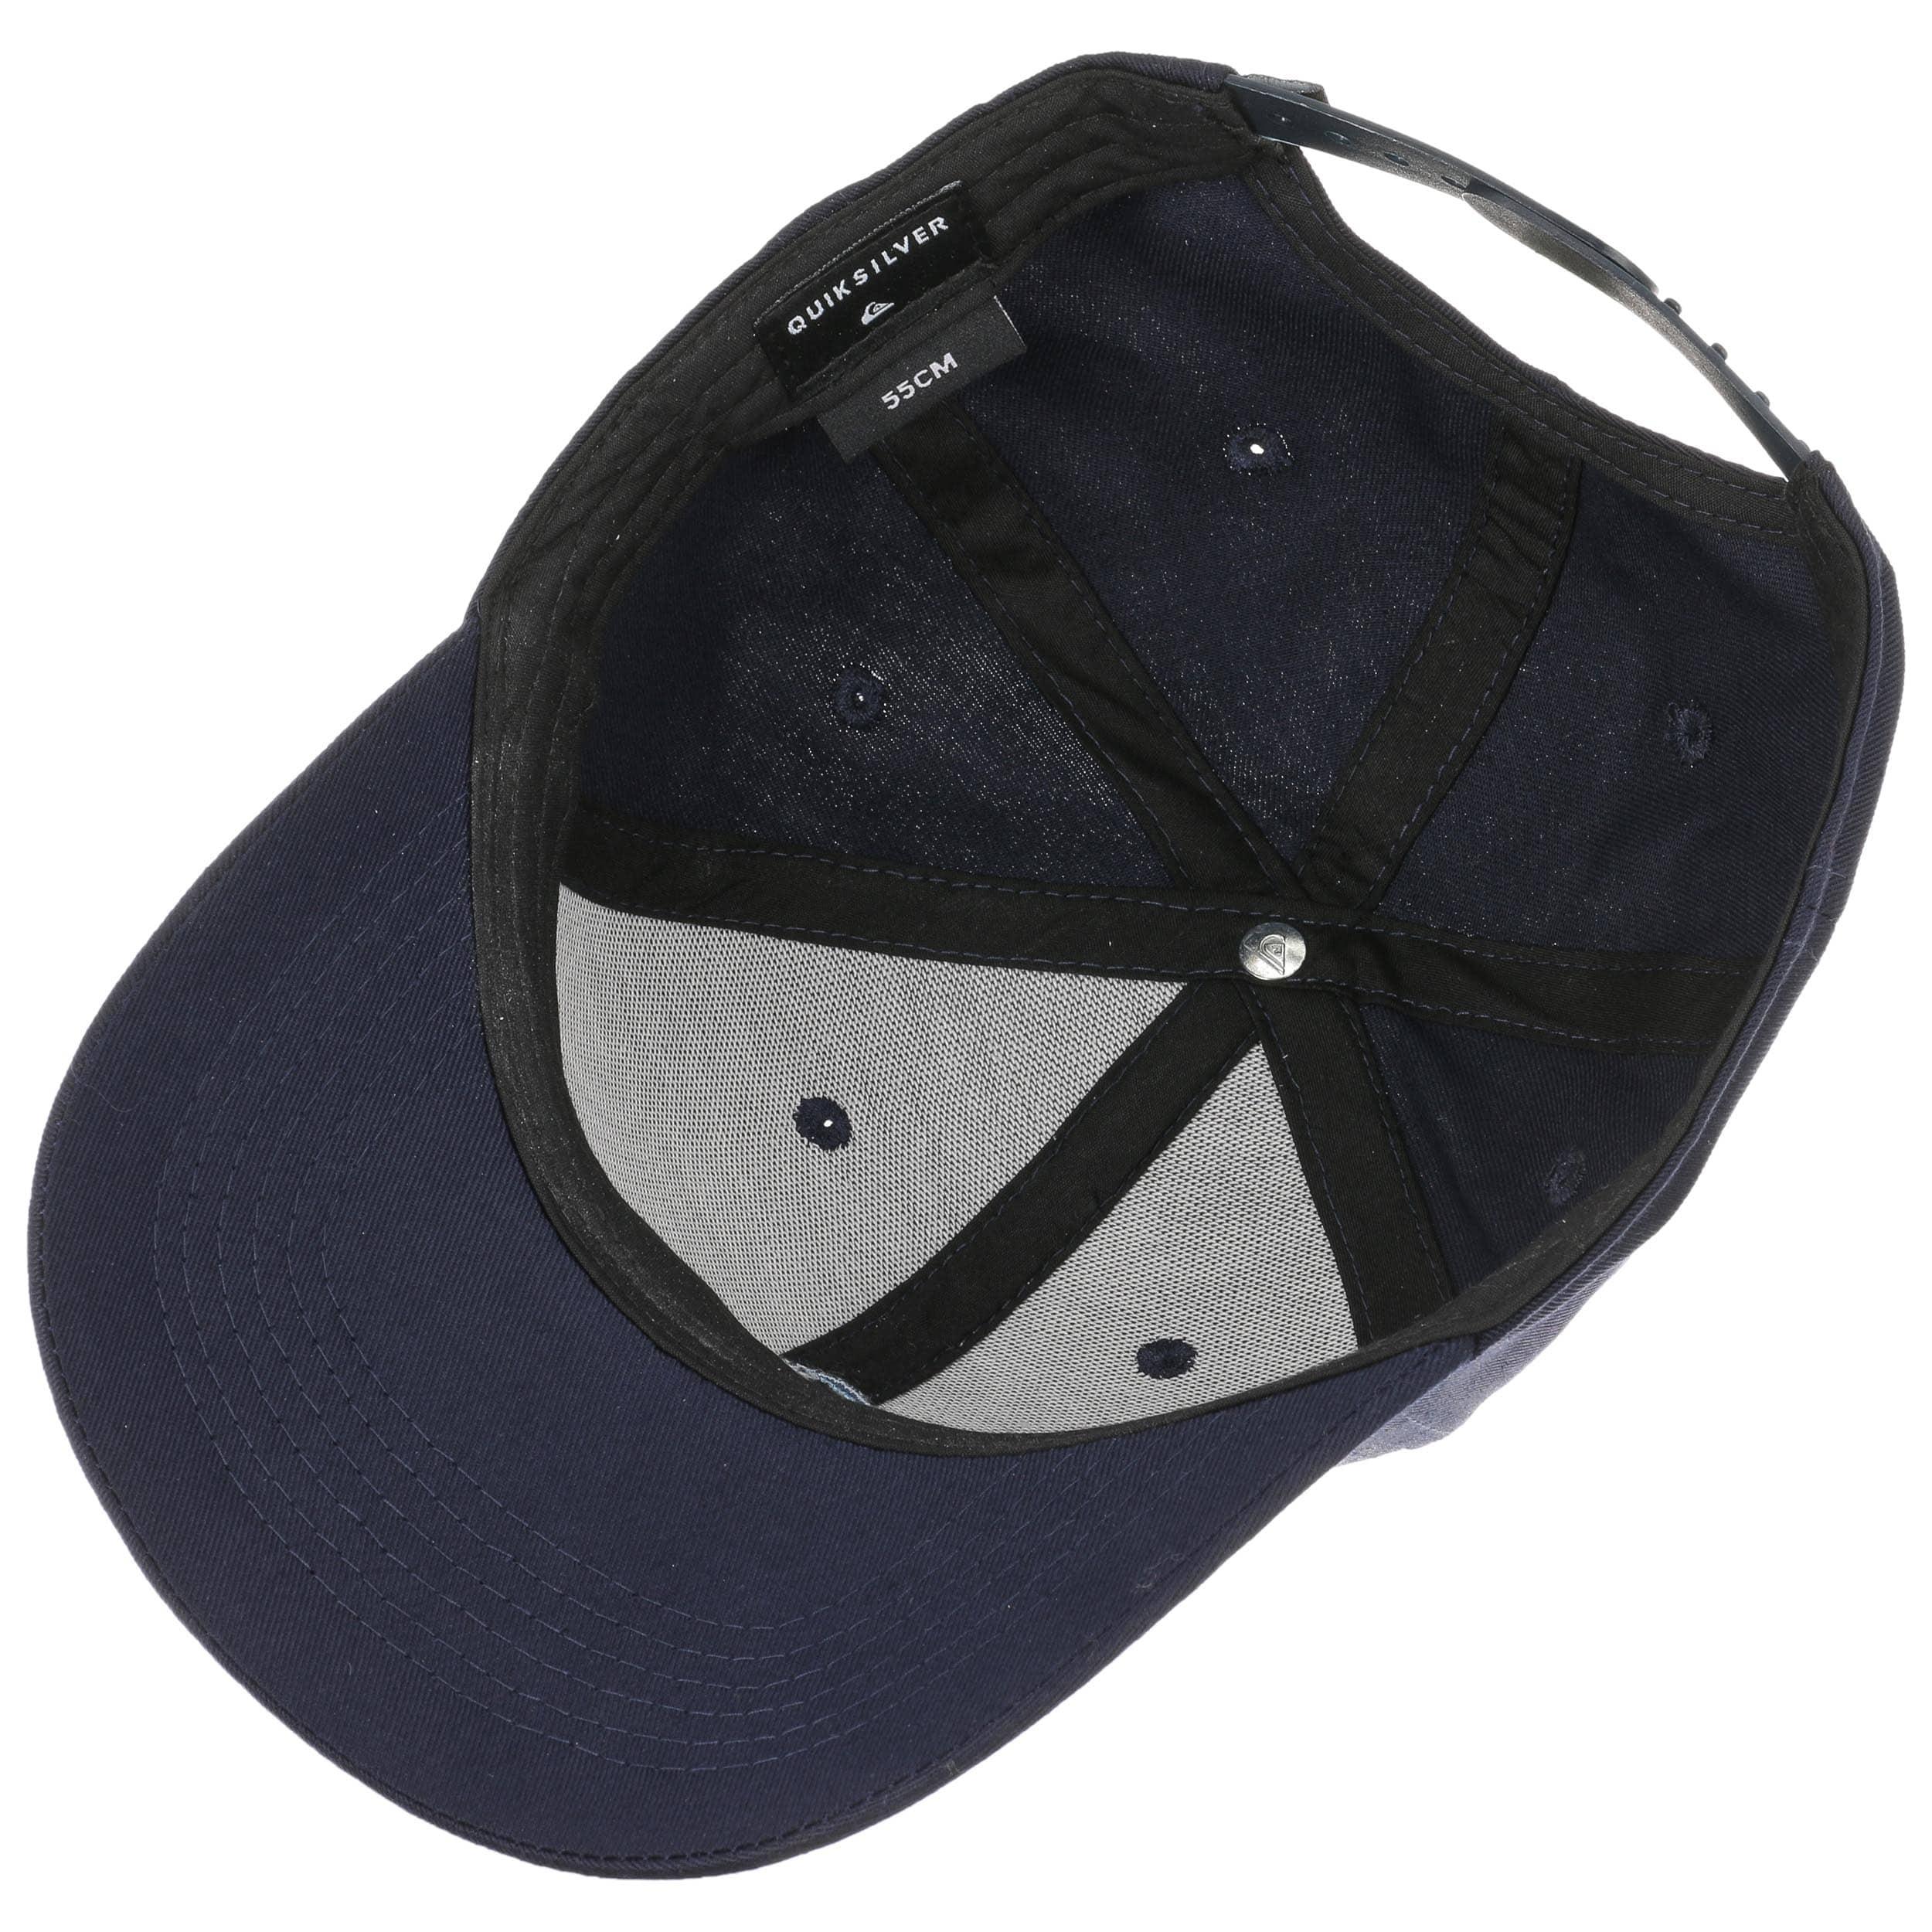 Gorra Decades Youth Snapback by Quiksilver - Gorras - sombreroshop.es bd7e3b67e88